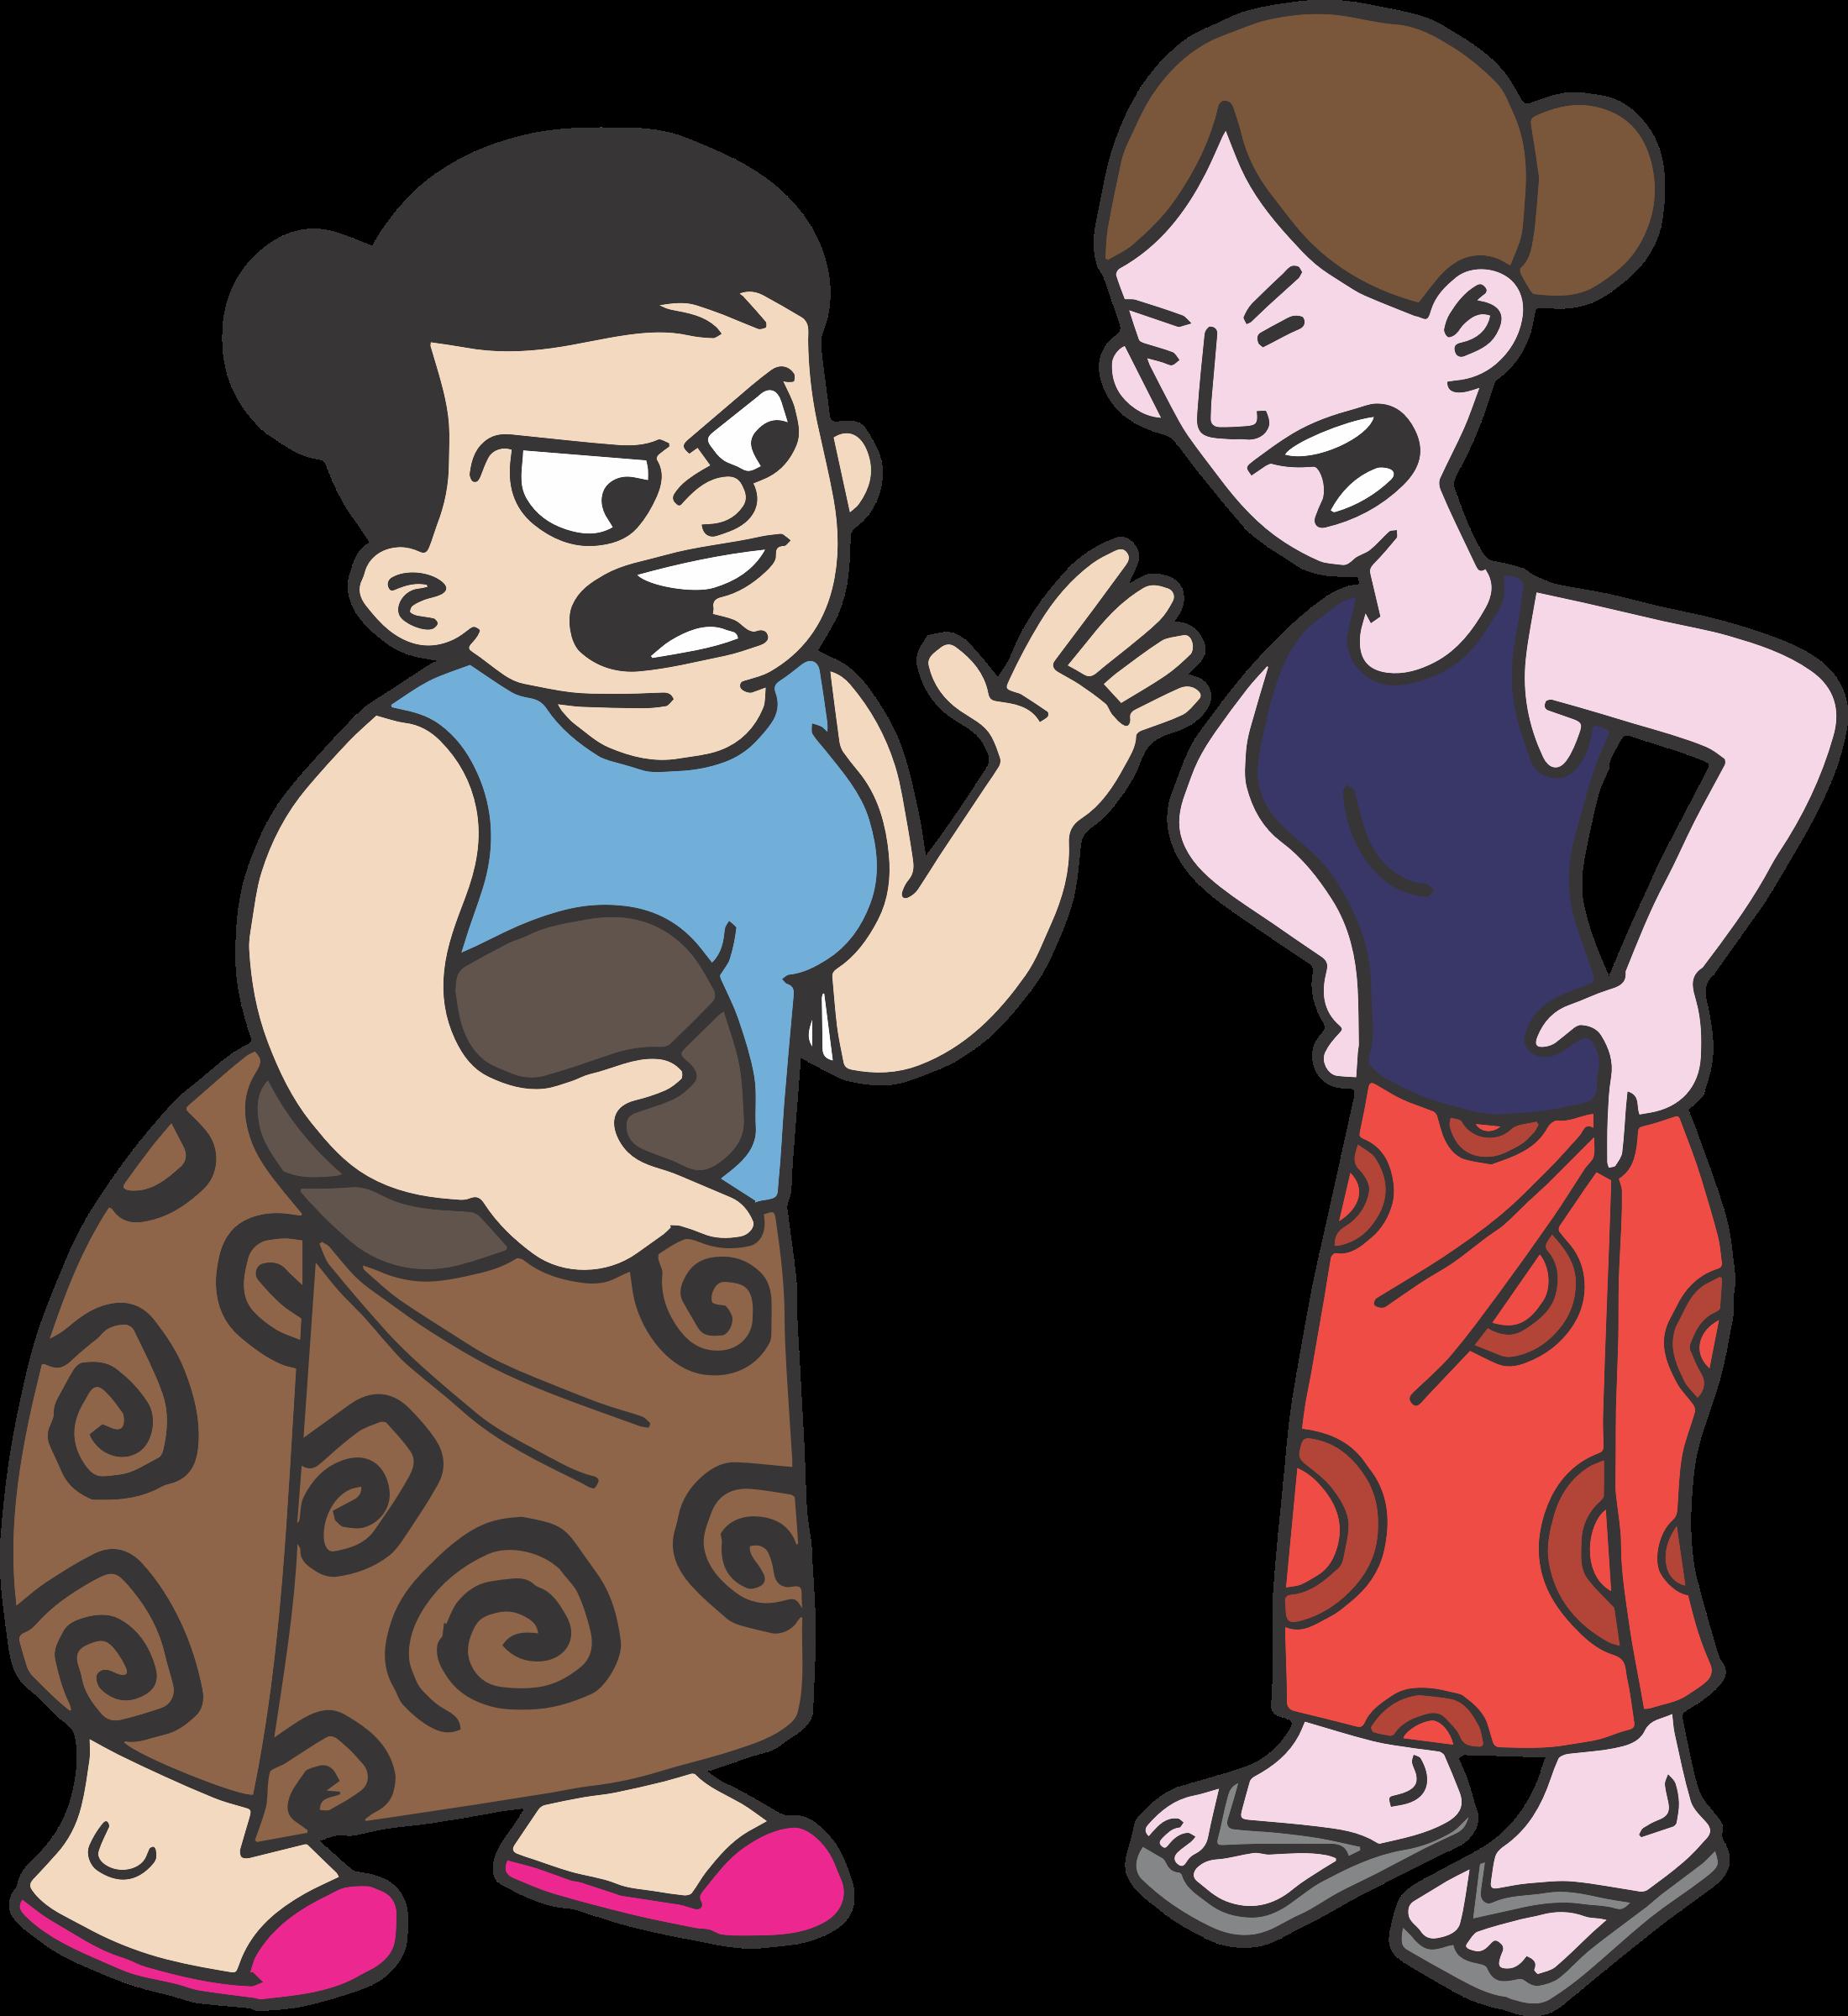 Big image png. Fighting clipart quarrel